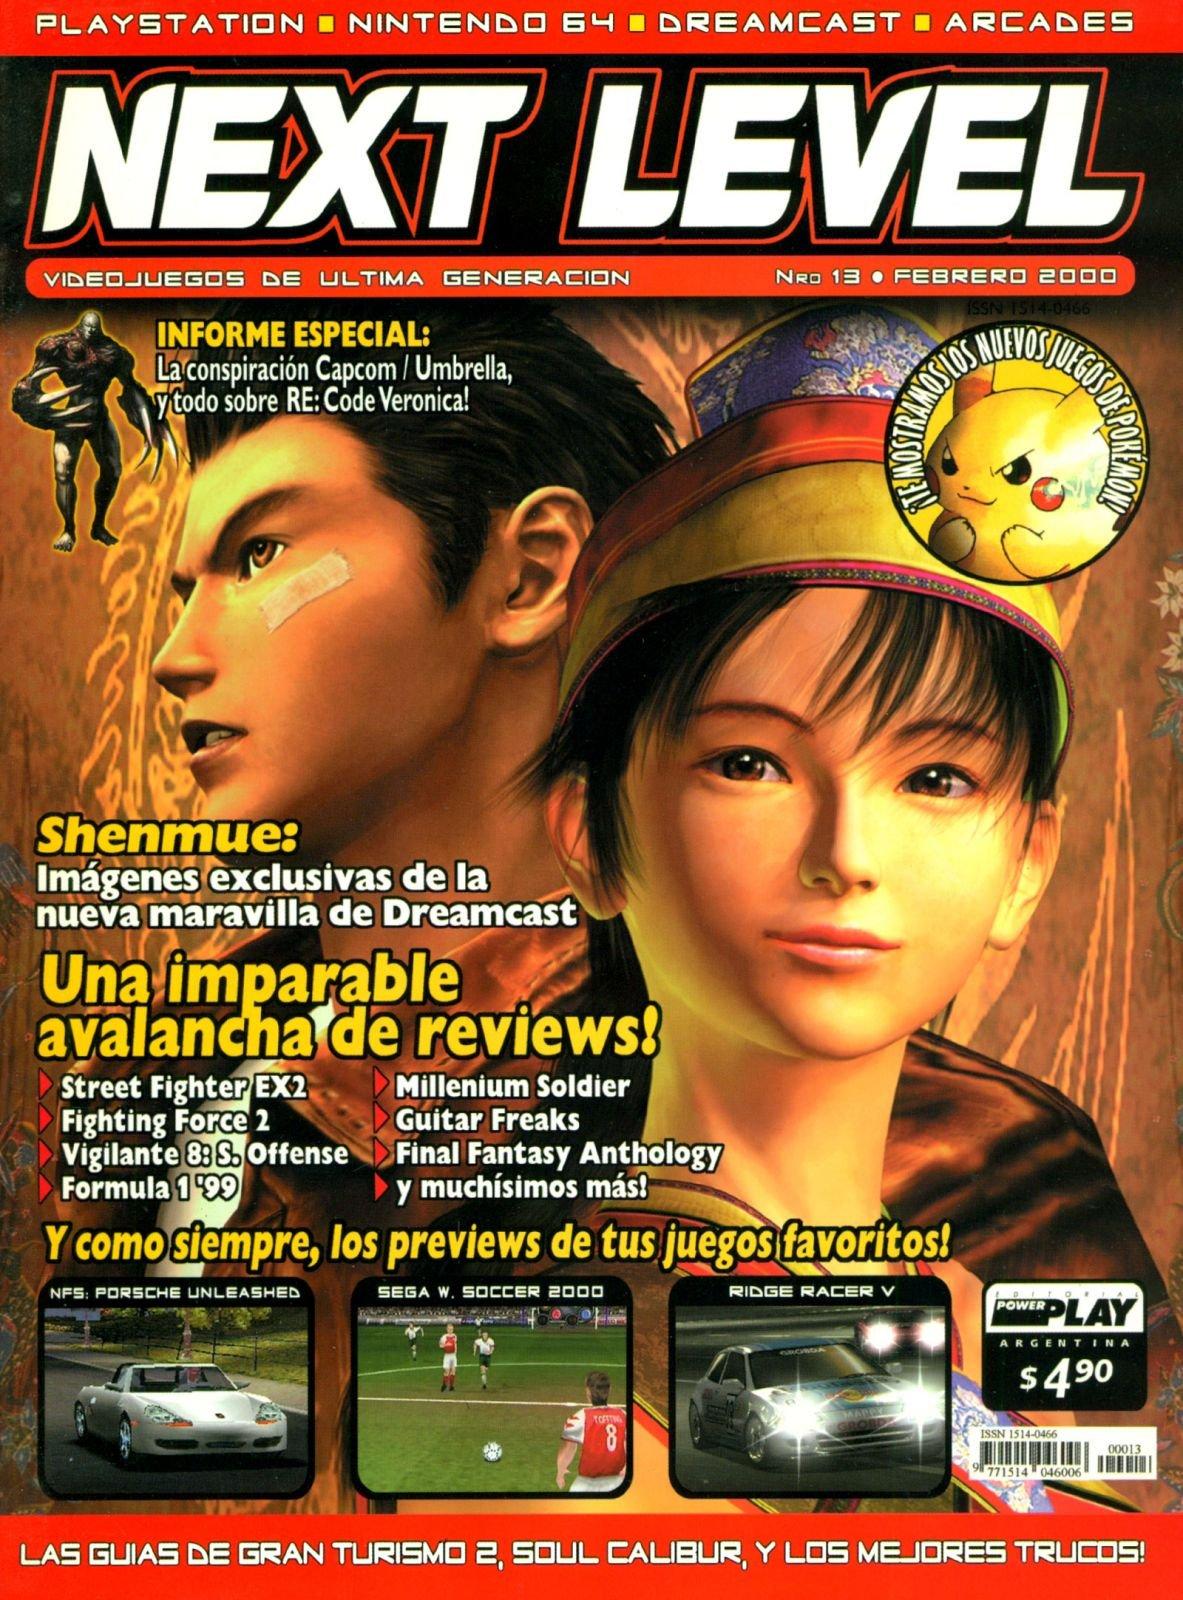 Next Level 13 February 2000